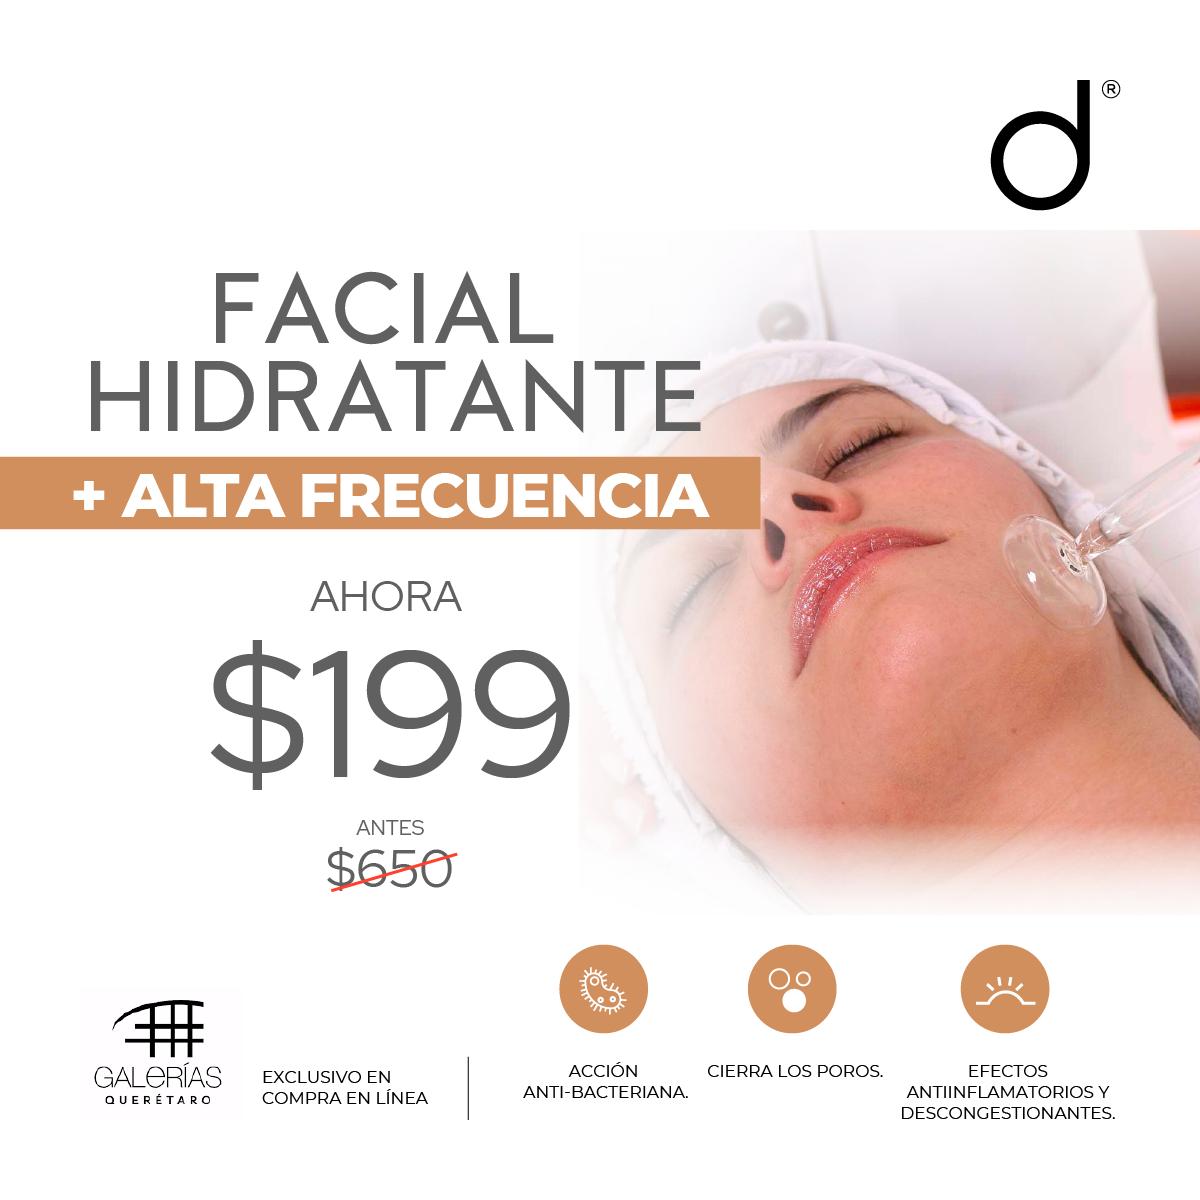 Facial Hidratante + Alta Frecuencia- SÓLO GALERÍAS QUERÉTARO&w=900&h=900&fit=crop